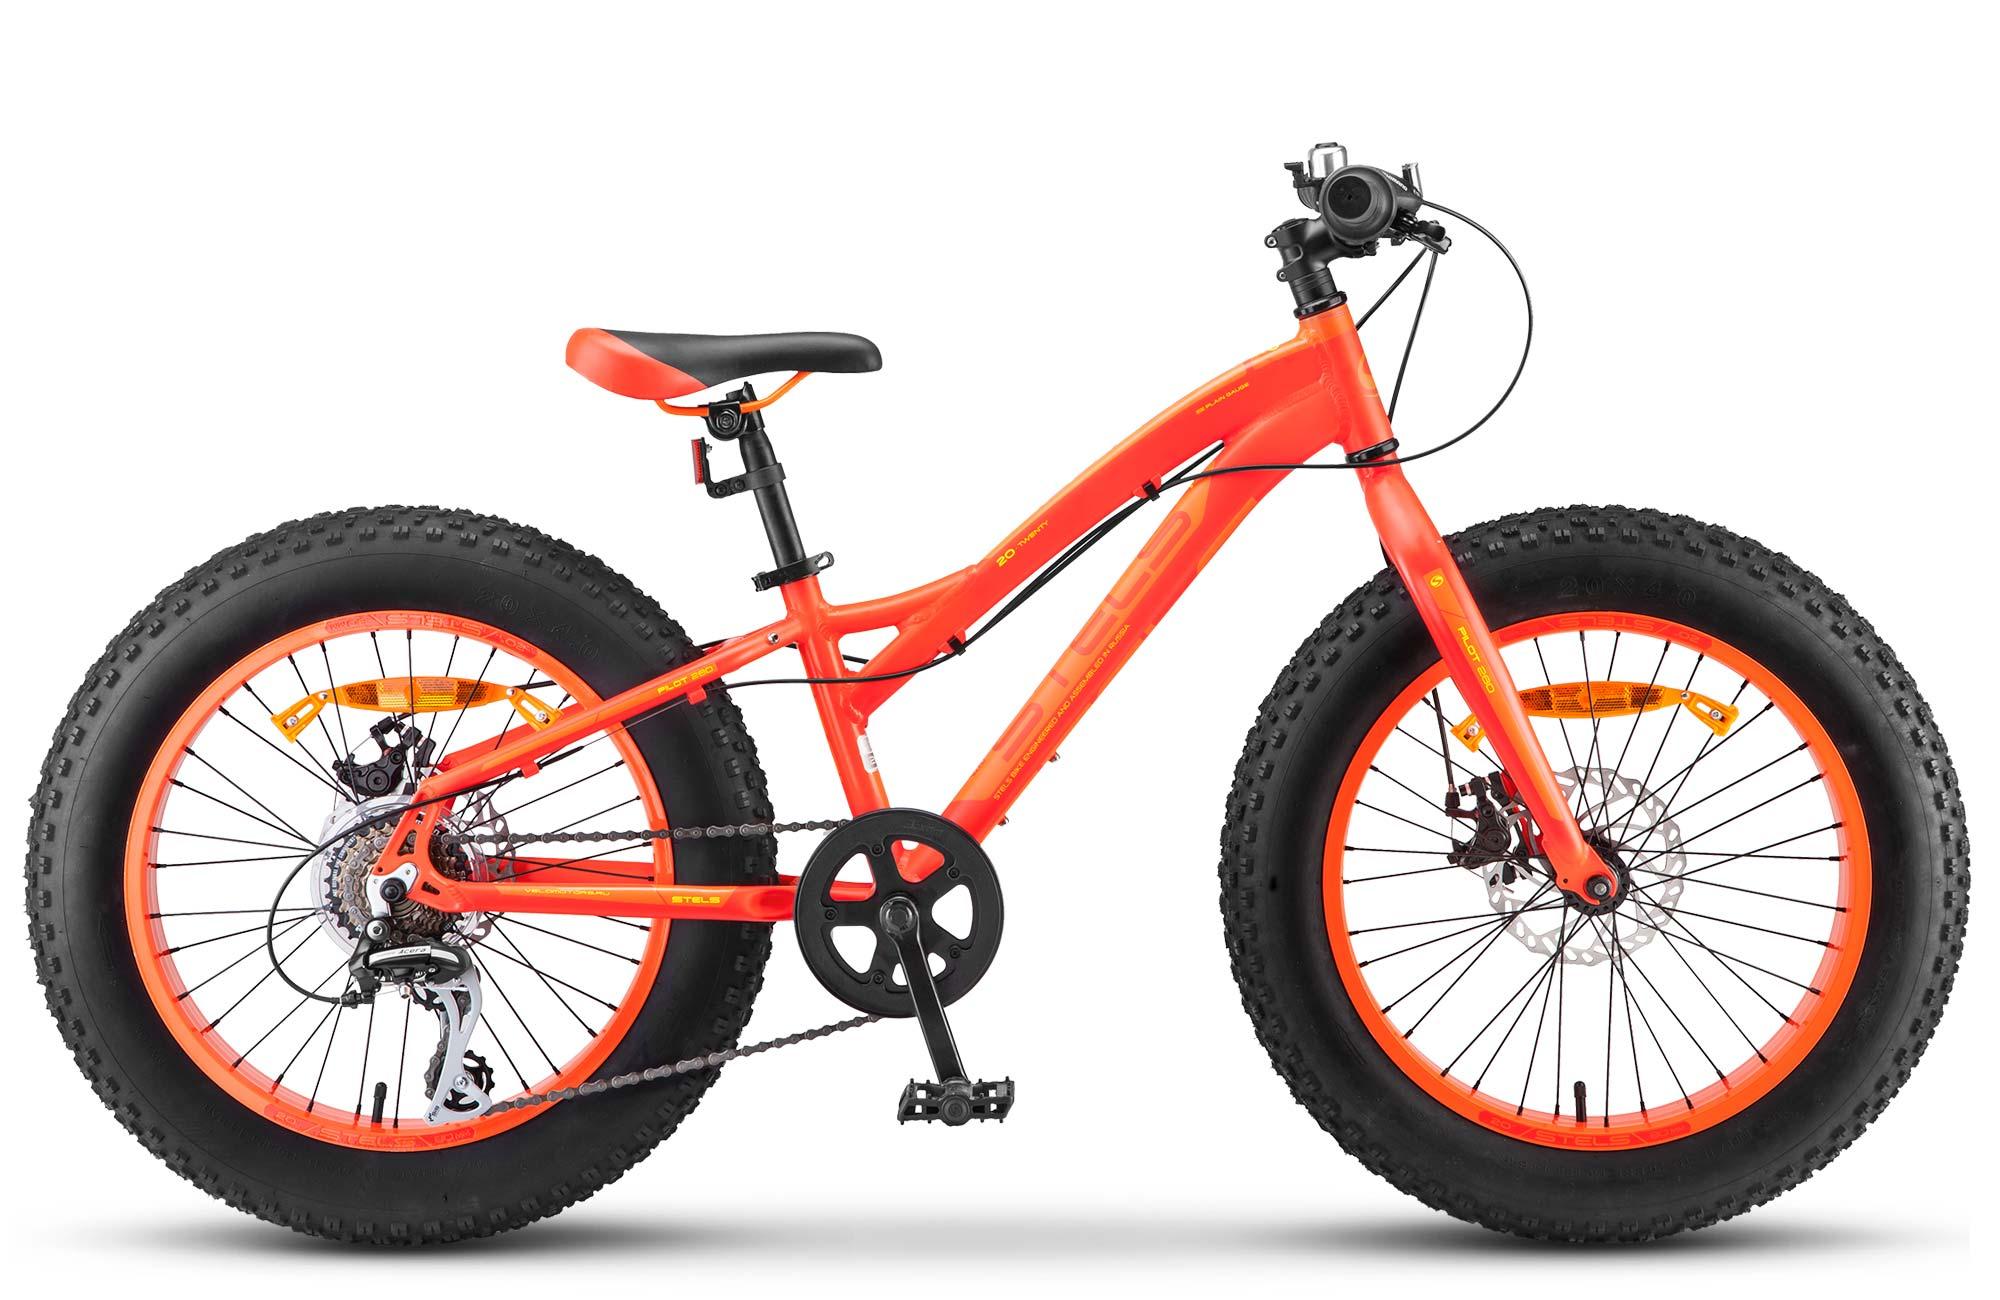 купить подростковый велосипед в воронеже, разновидности